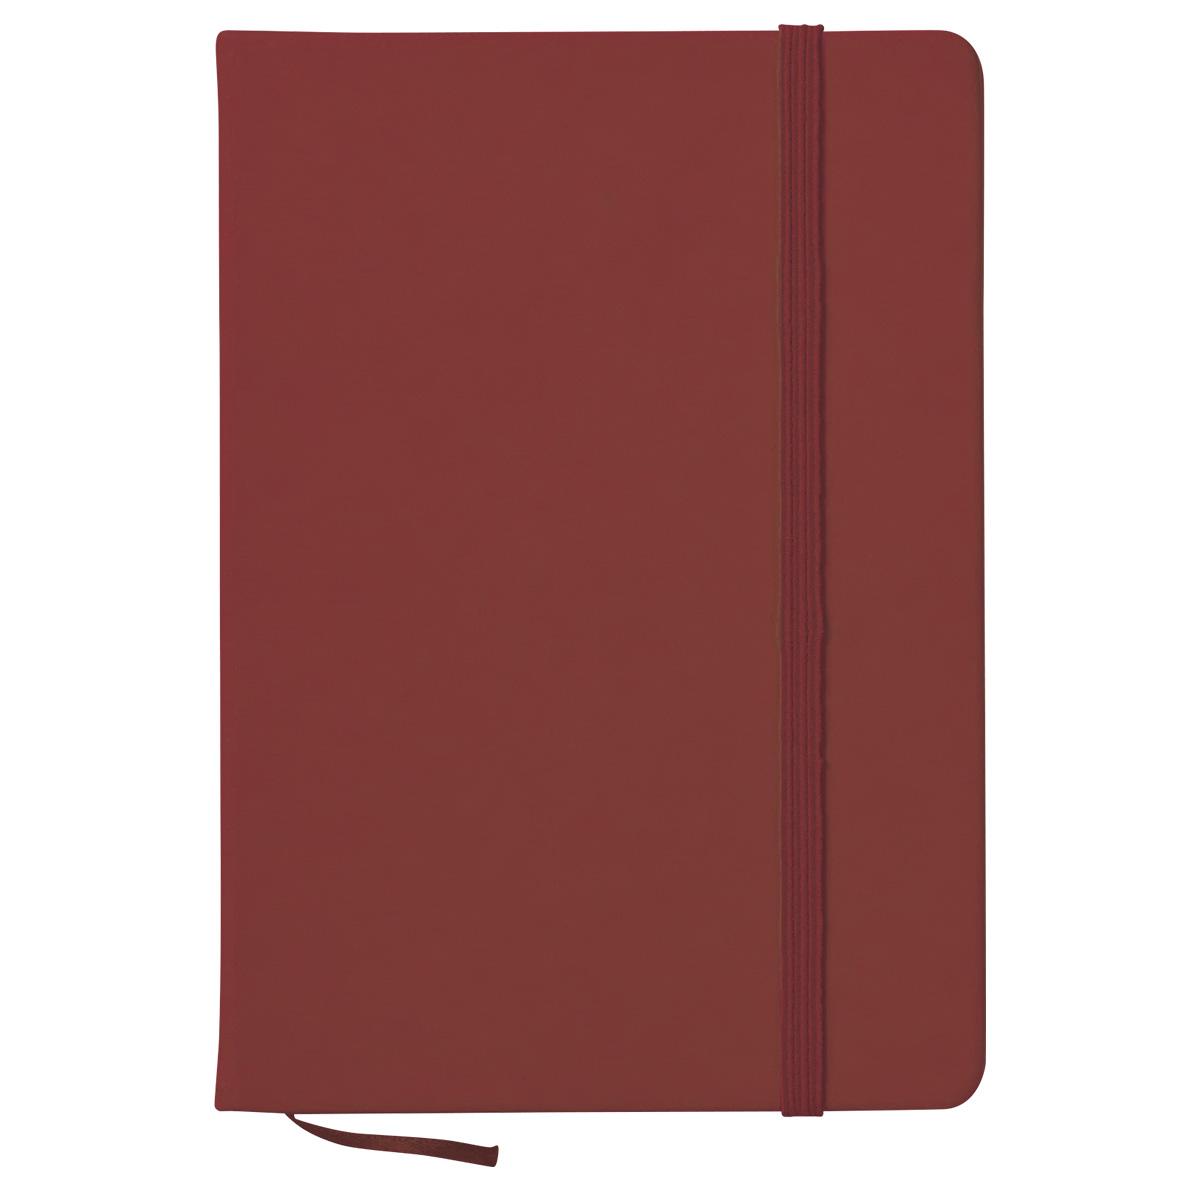 5x7 Journal Notebook